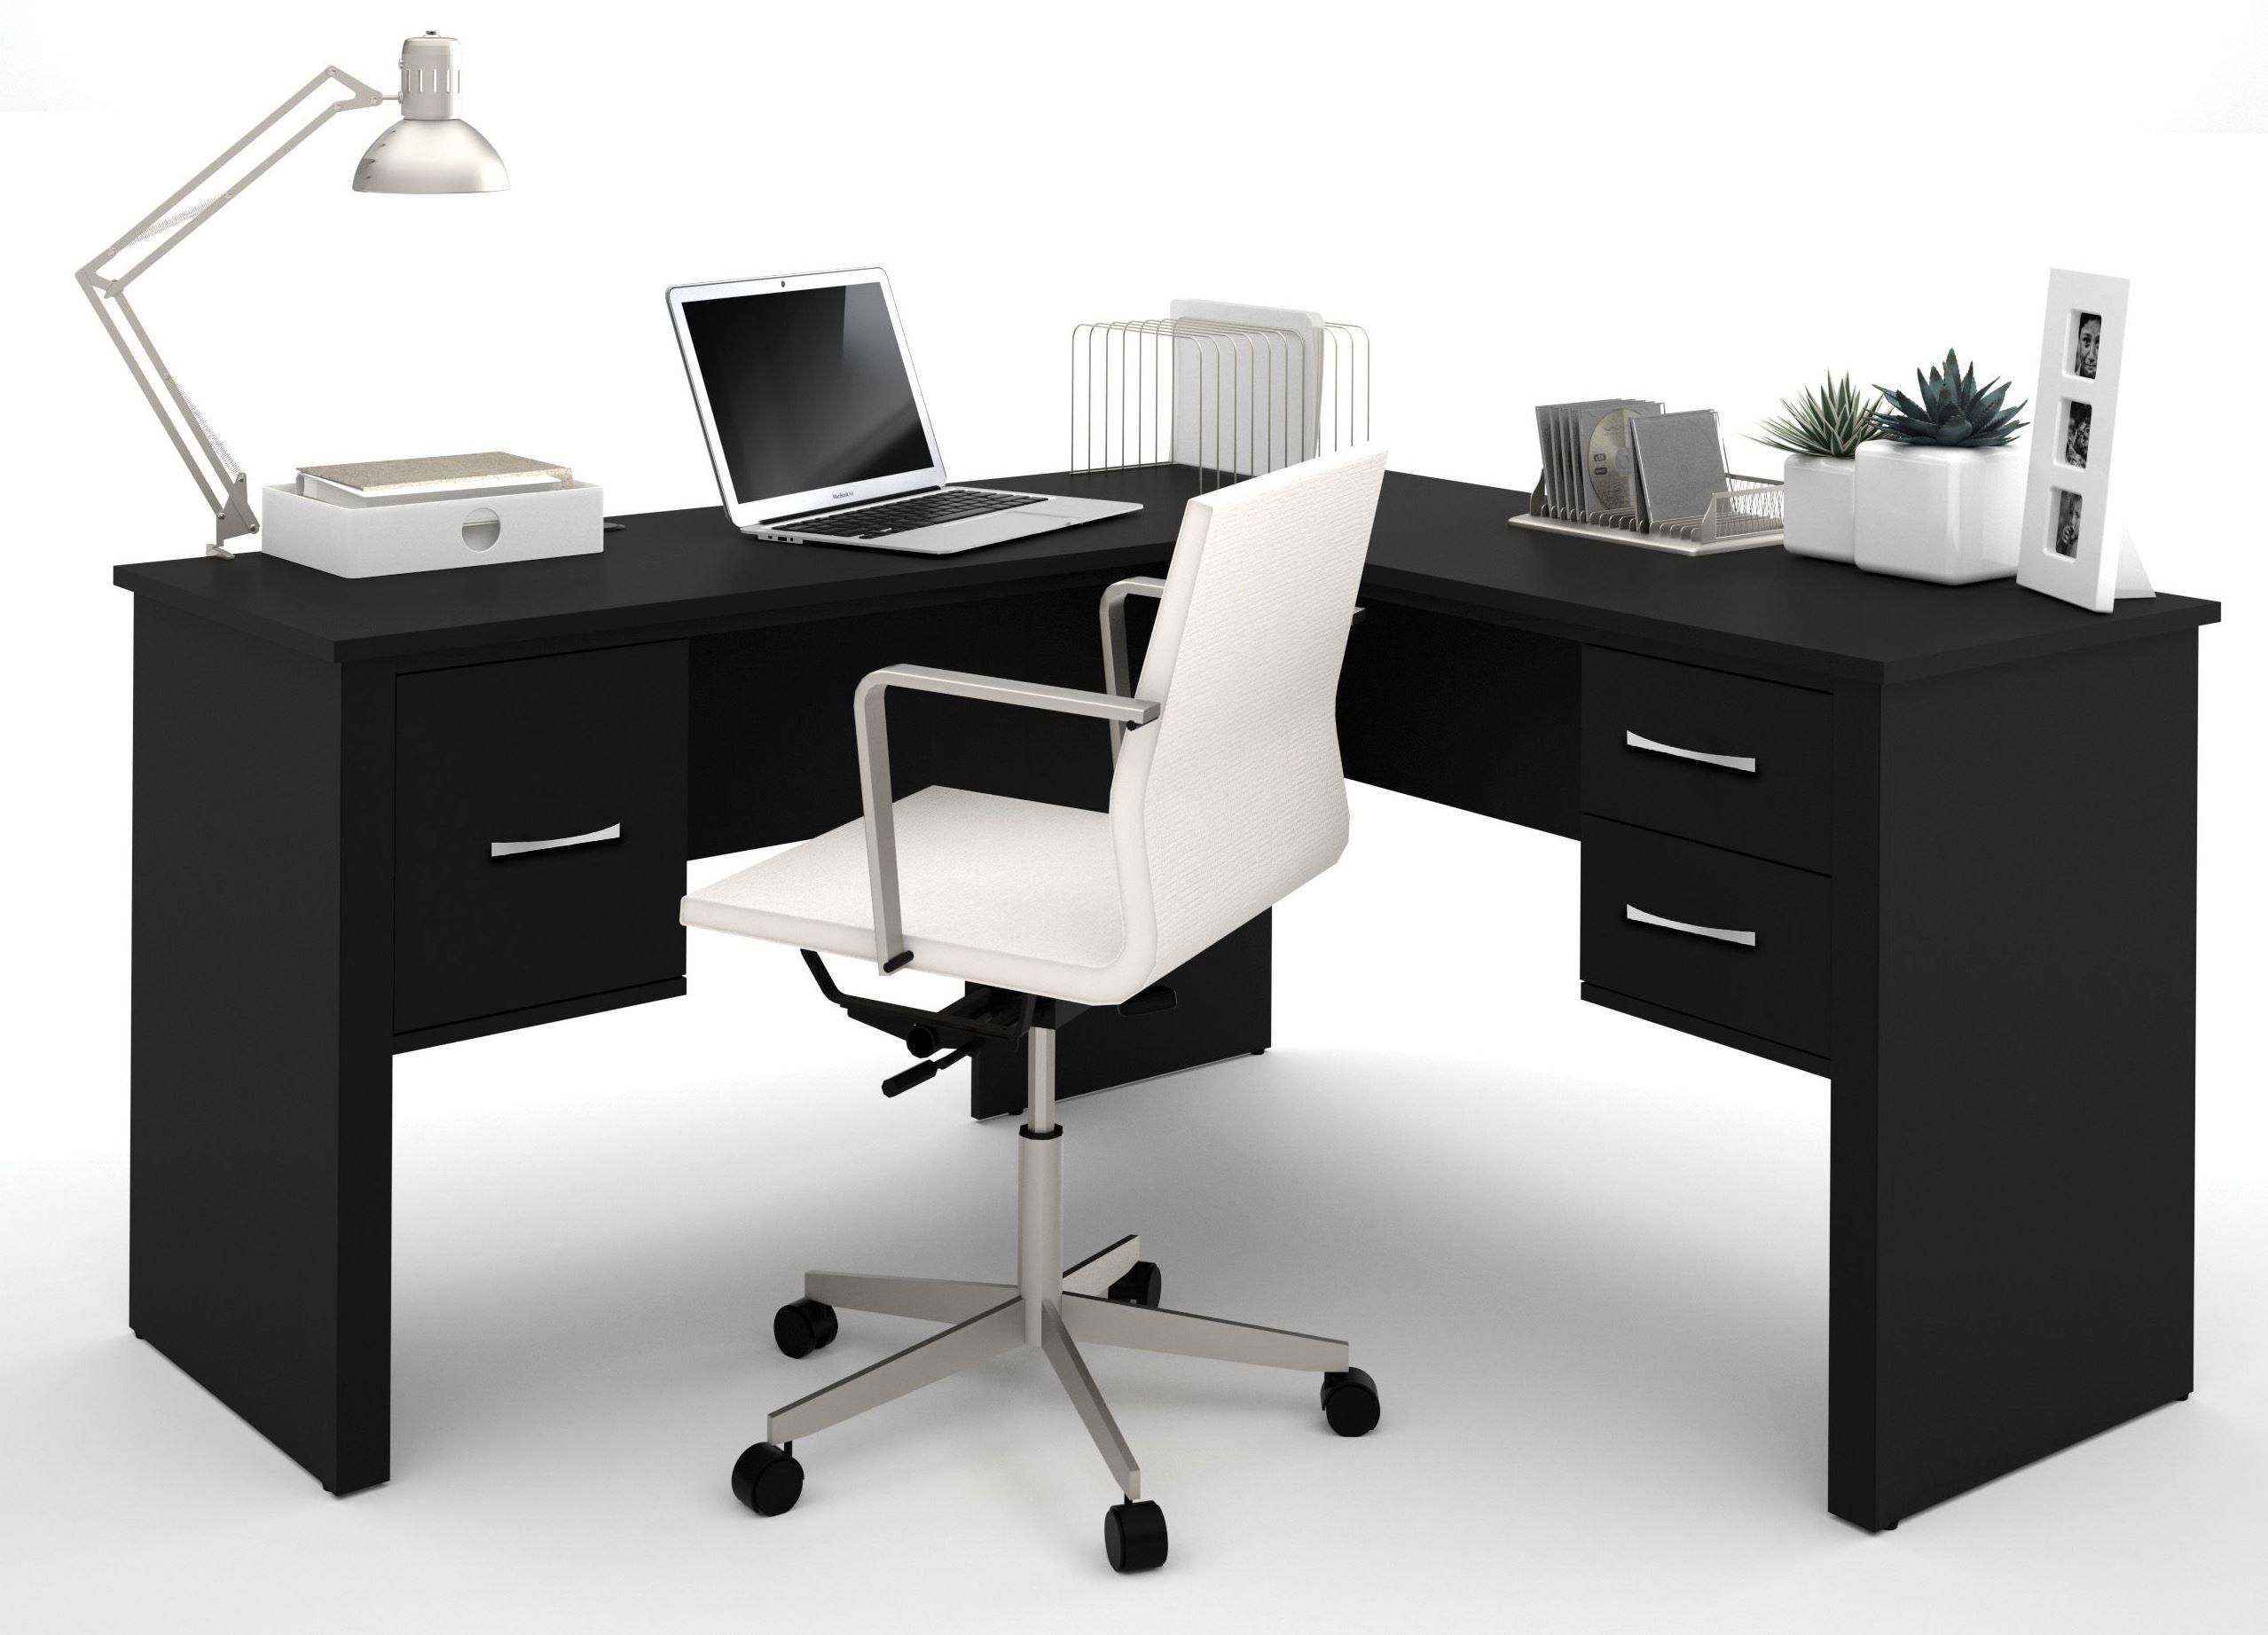 somerville black l shaped desk from bestar 45421 1118 coleman furniture. Black Bedroom Furniture Sets. Home Design Ideas